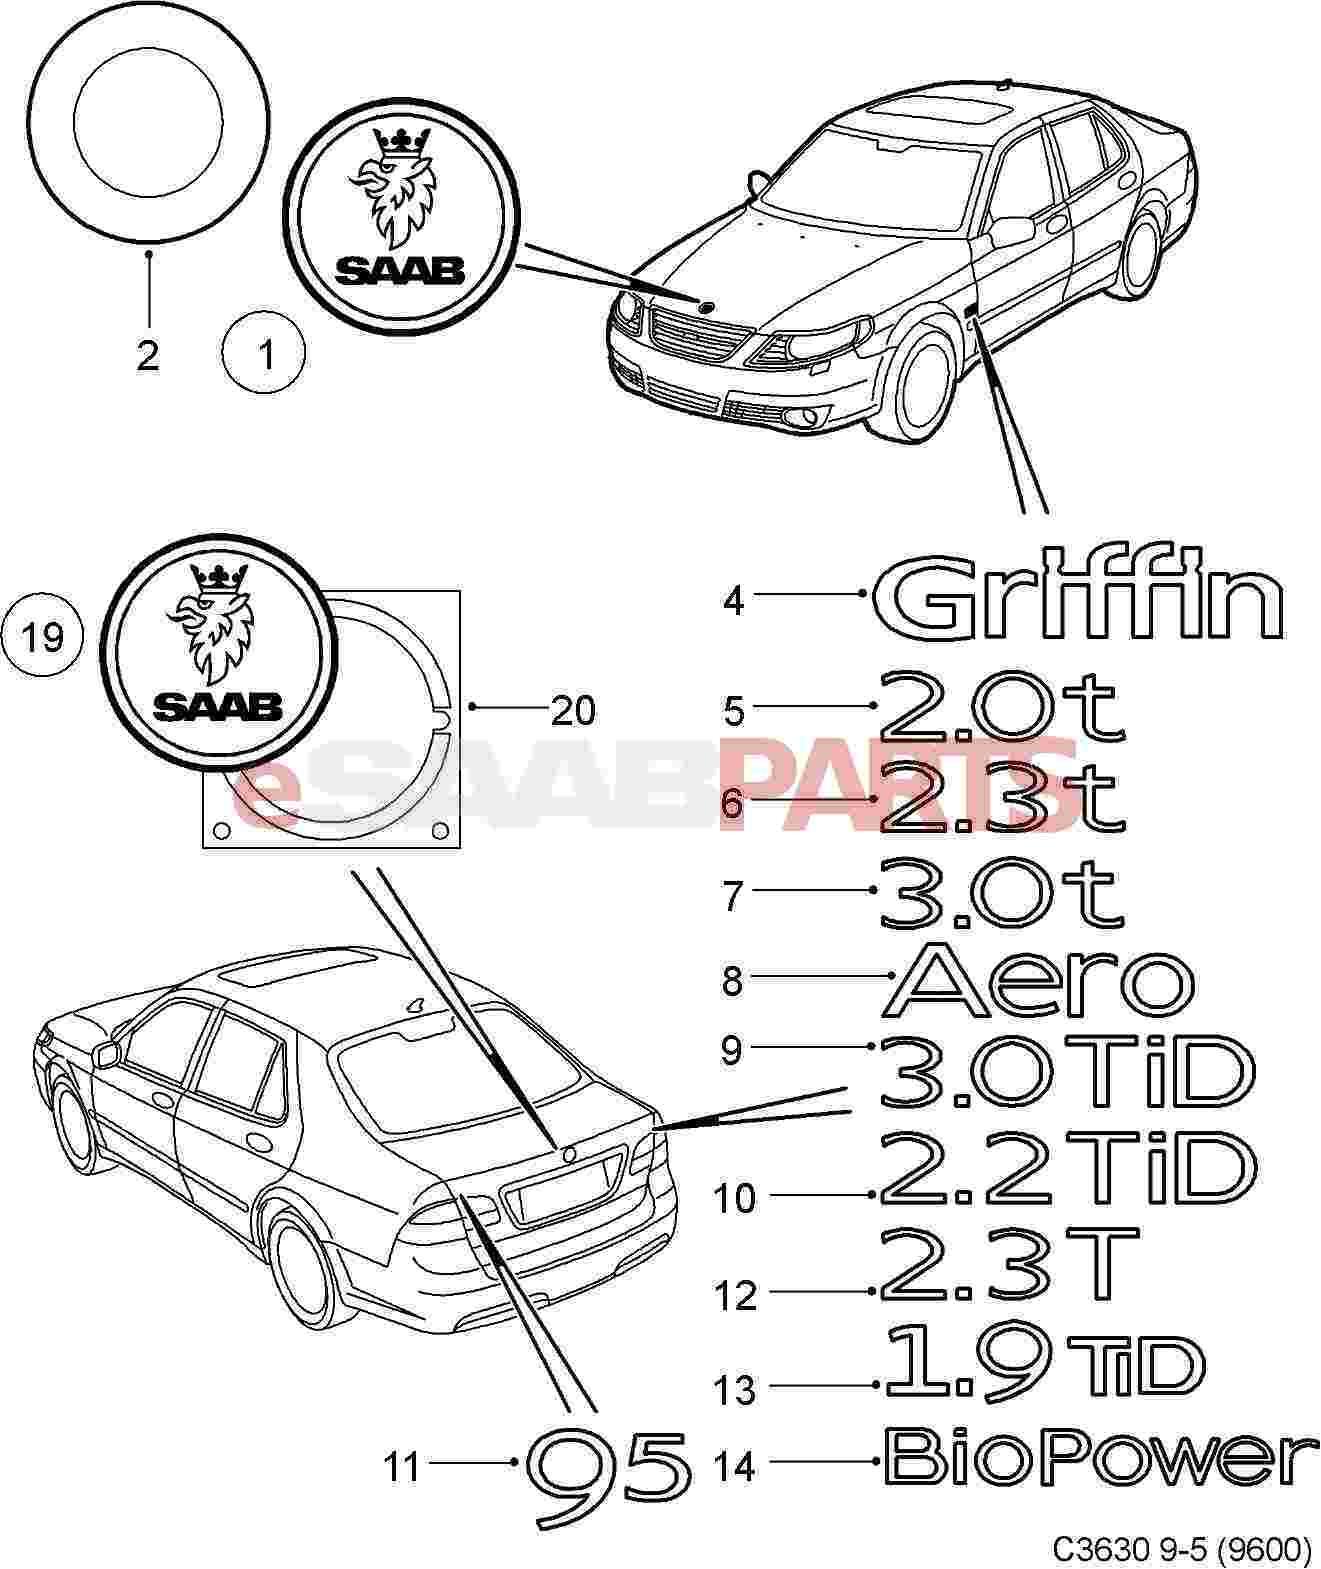 Saab 95 Turbo Diagram